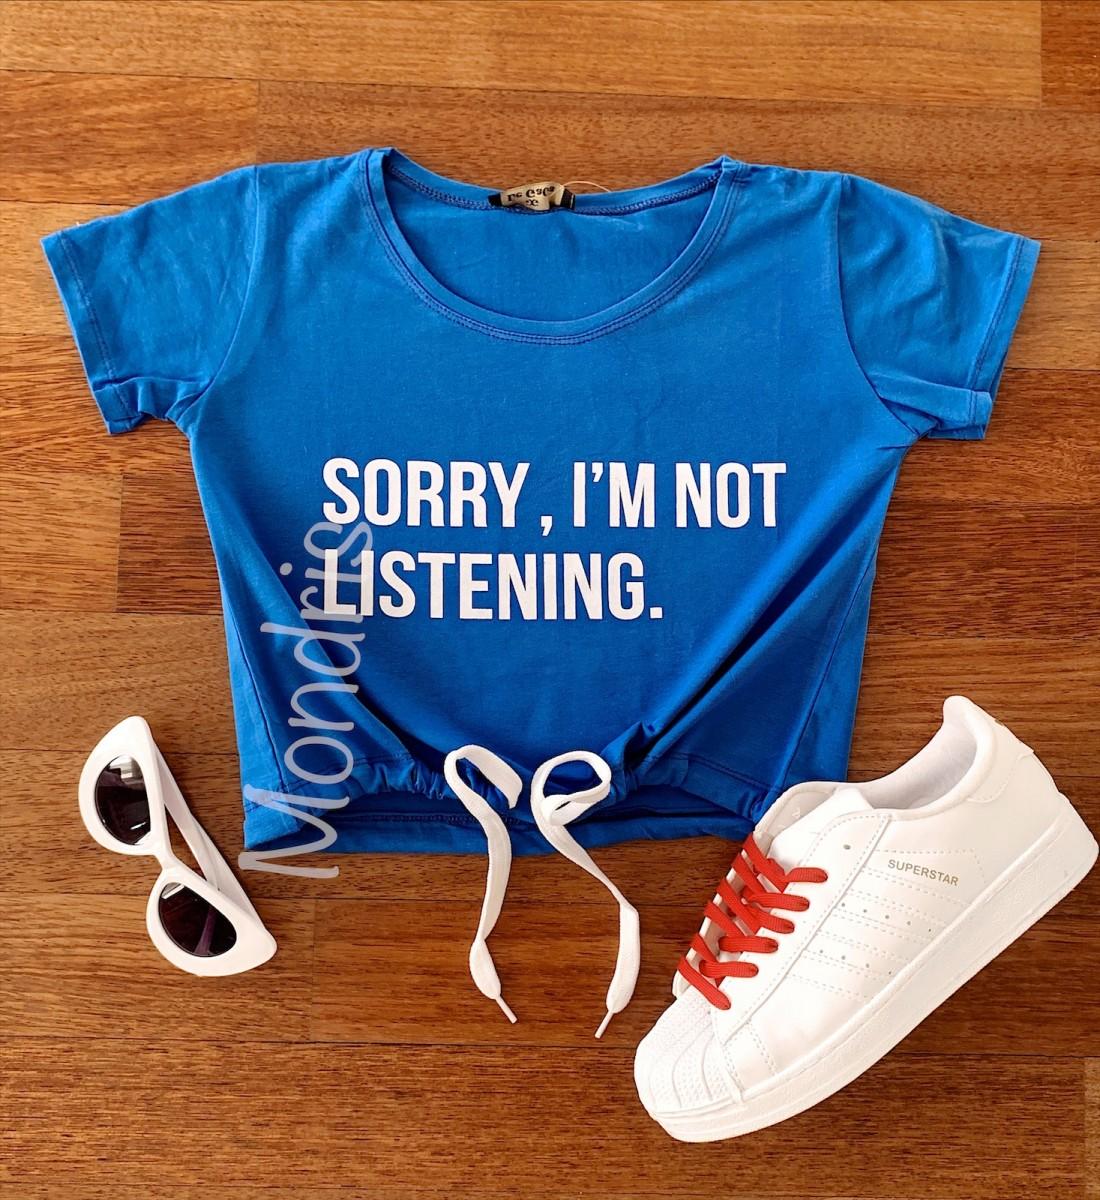 Tricou dama ieftin din bumbac albastru cu imprimeu Sorry, I'm not listening